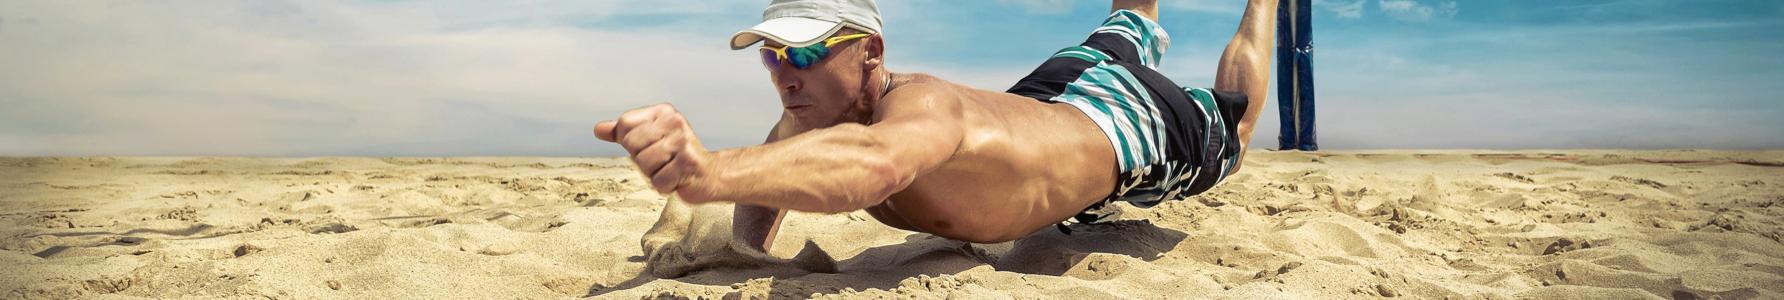 Mężczyzna grający w siatkówkę plażową próbujący podbić piłkę.